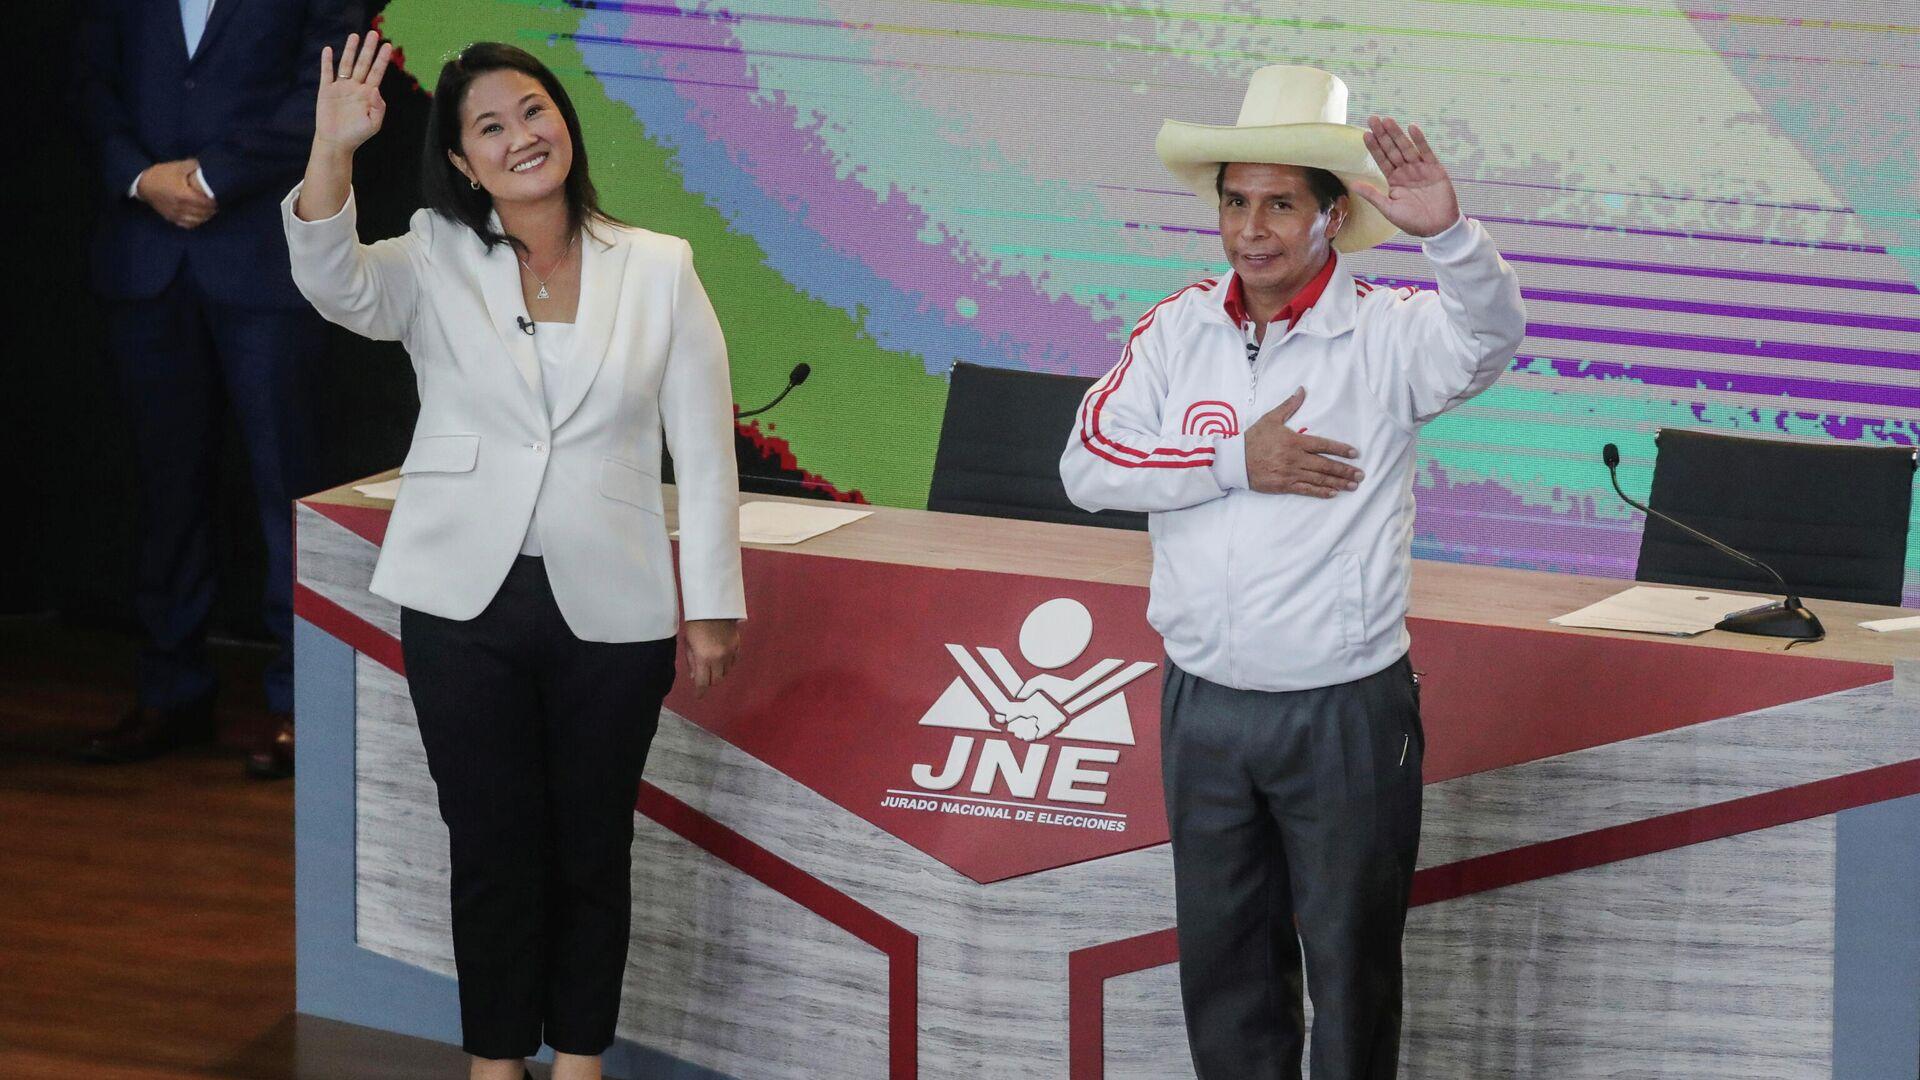 Los candidatos Keiko Fujimori (Fuerza Popular, derecha) Y Pedro Castillo (Perú Libre, izquierda) - Sputnik Mundo, 1920, 03.06.2021